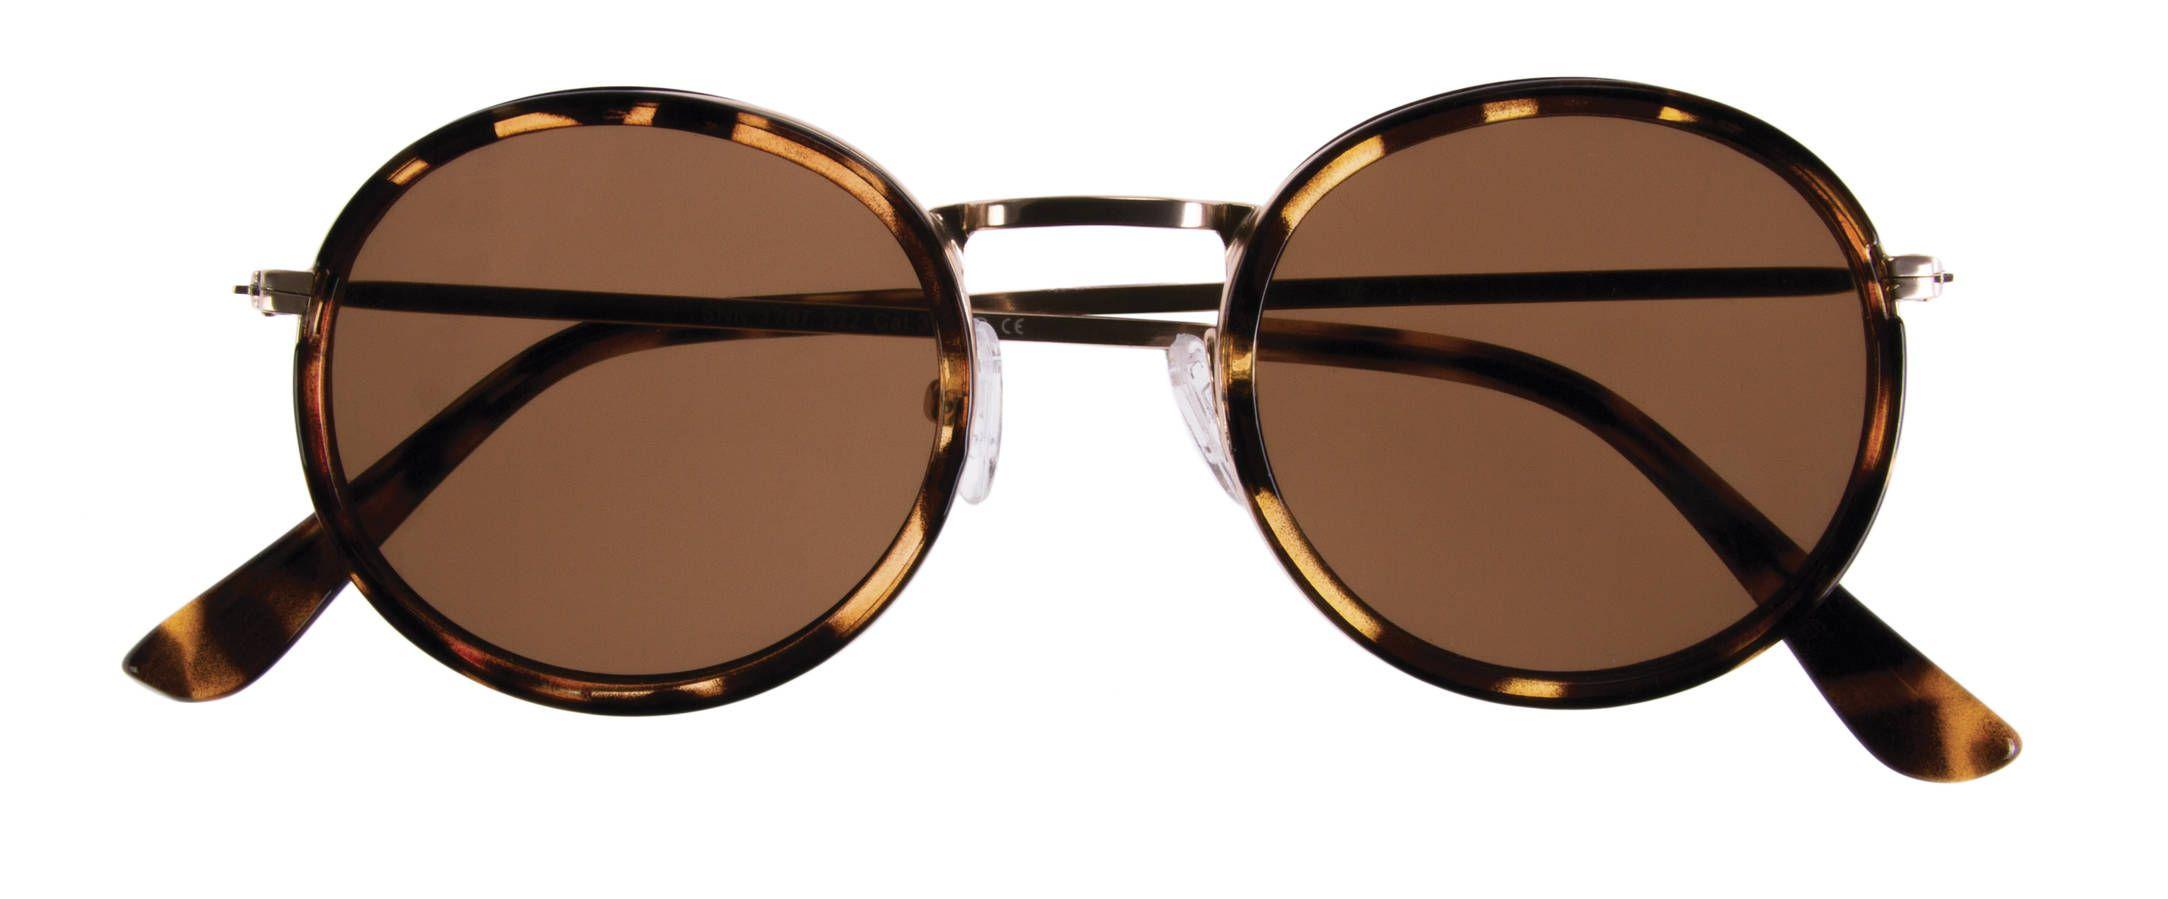 Lunettes de soleil femme été 2018   40 paires de lunettes de soleil ... e30ee9e6b539